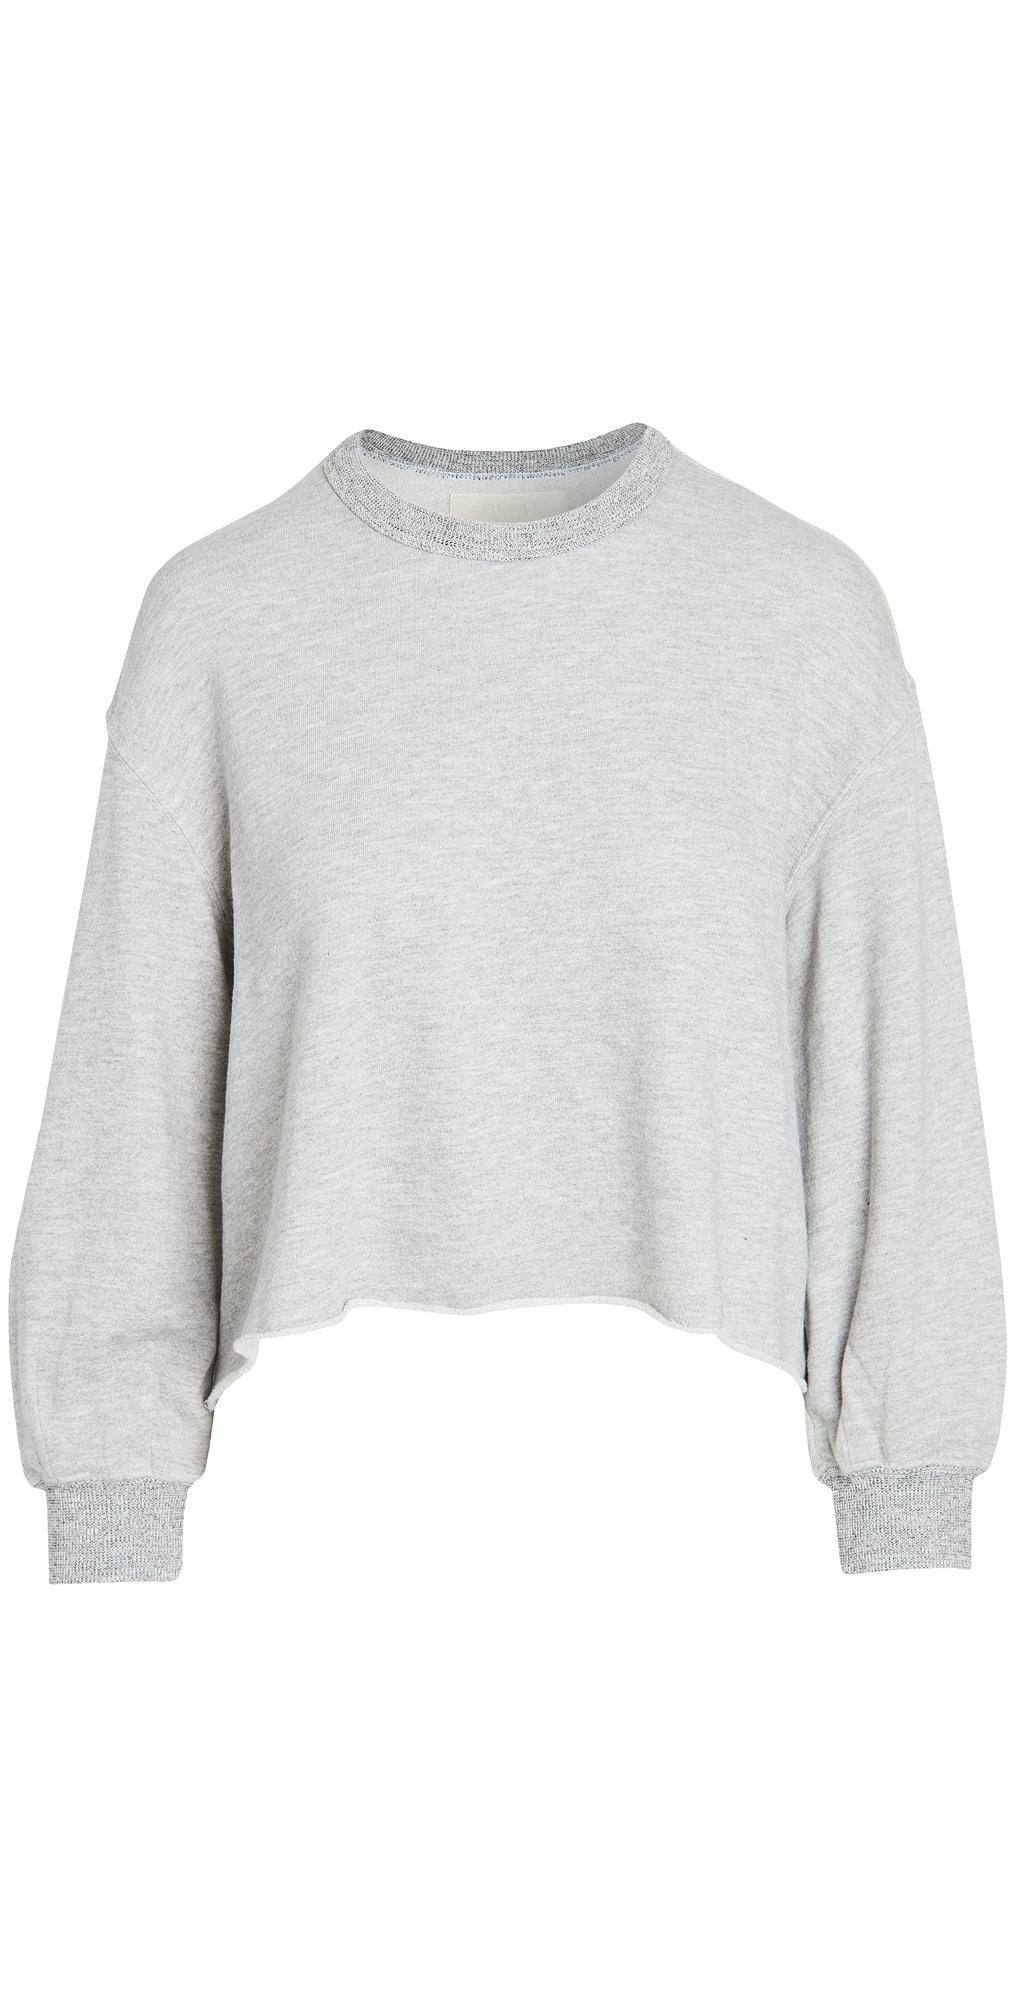 THE GREAT. The Sleep Cutoff Sweatshirt